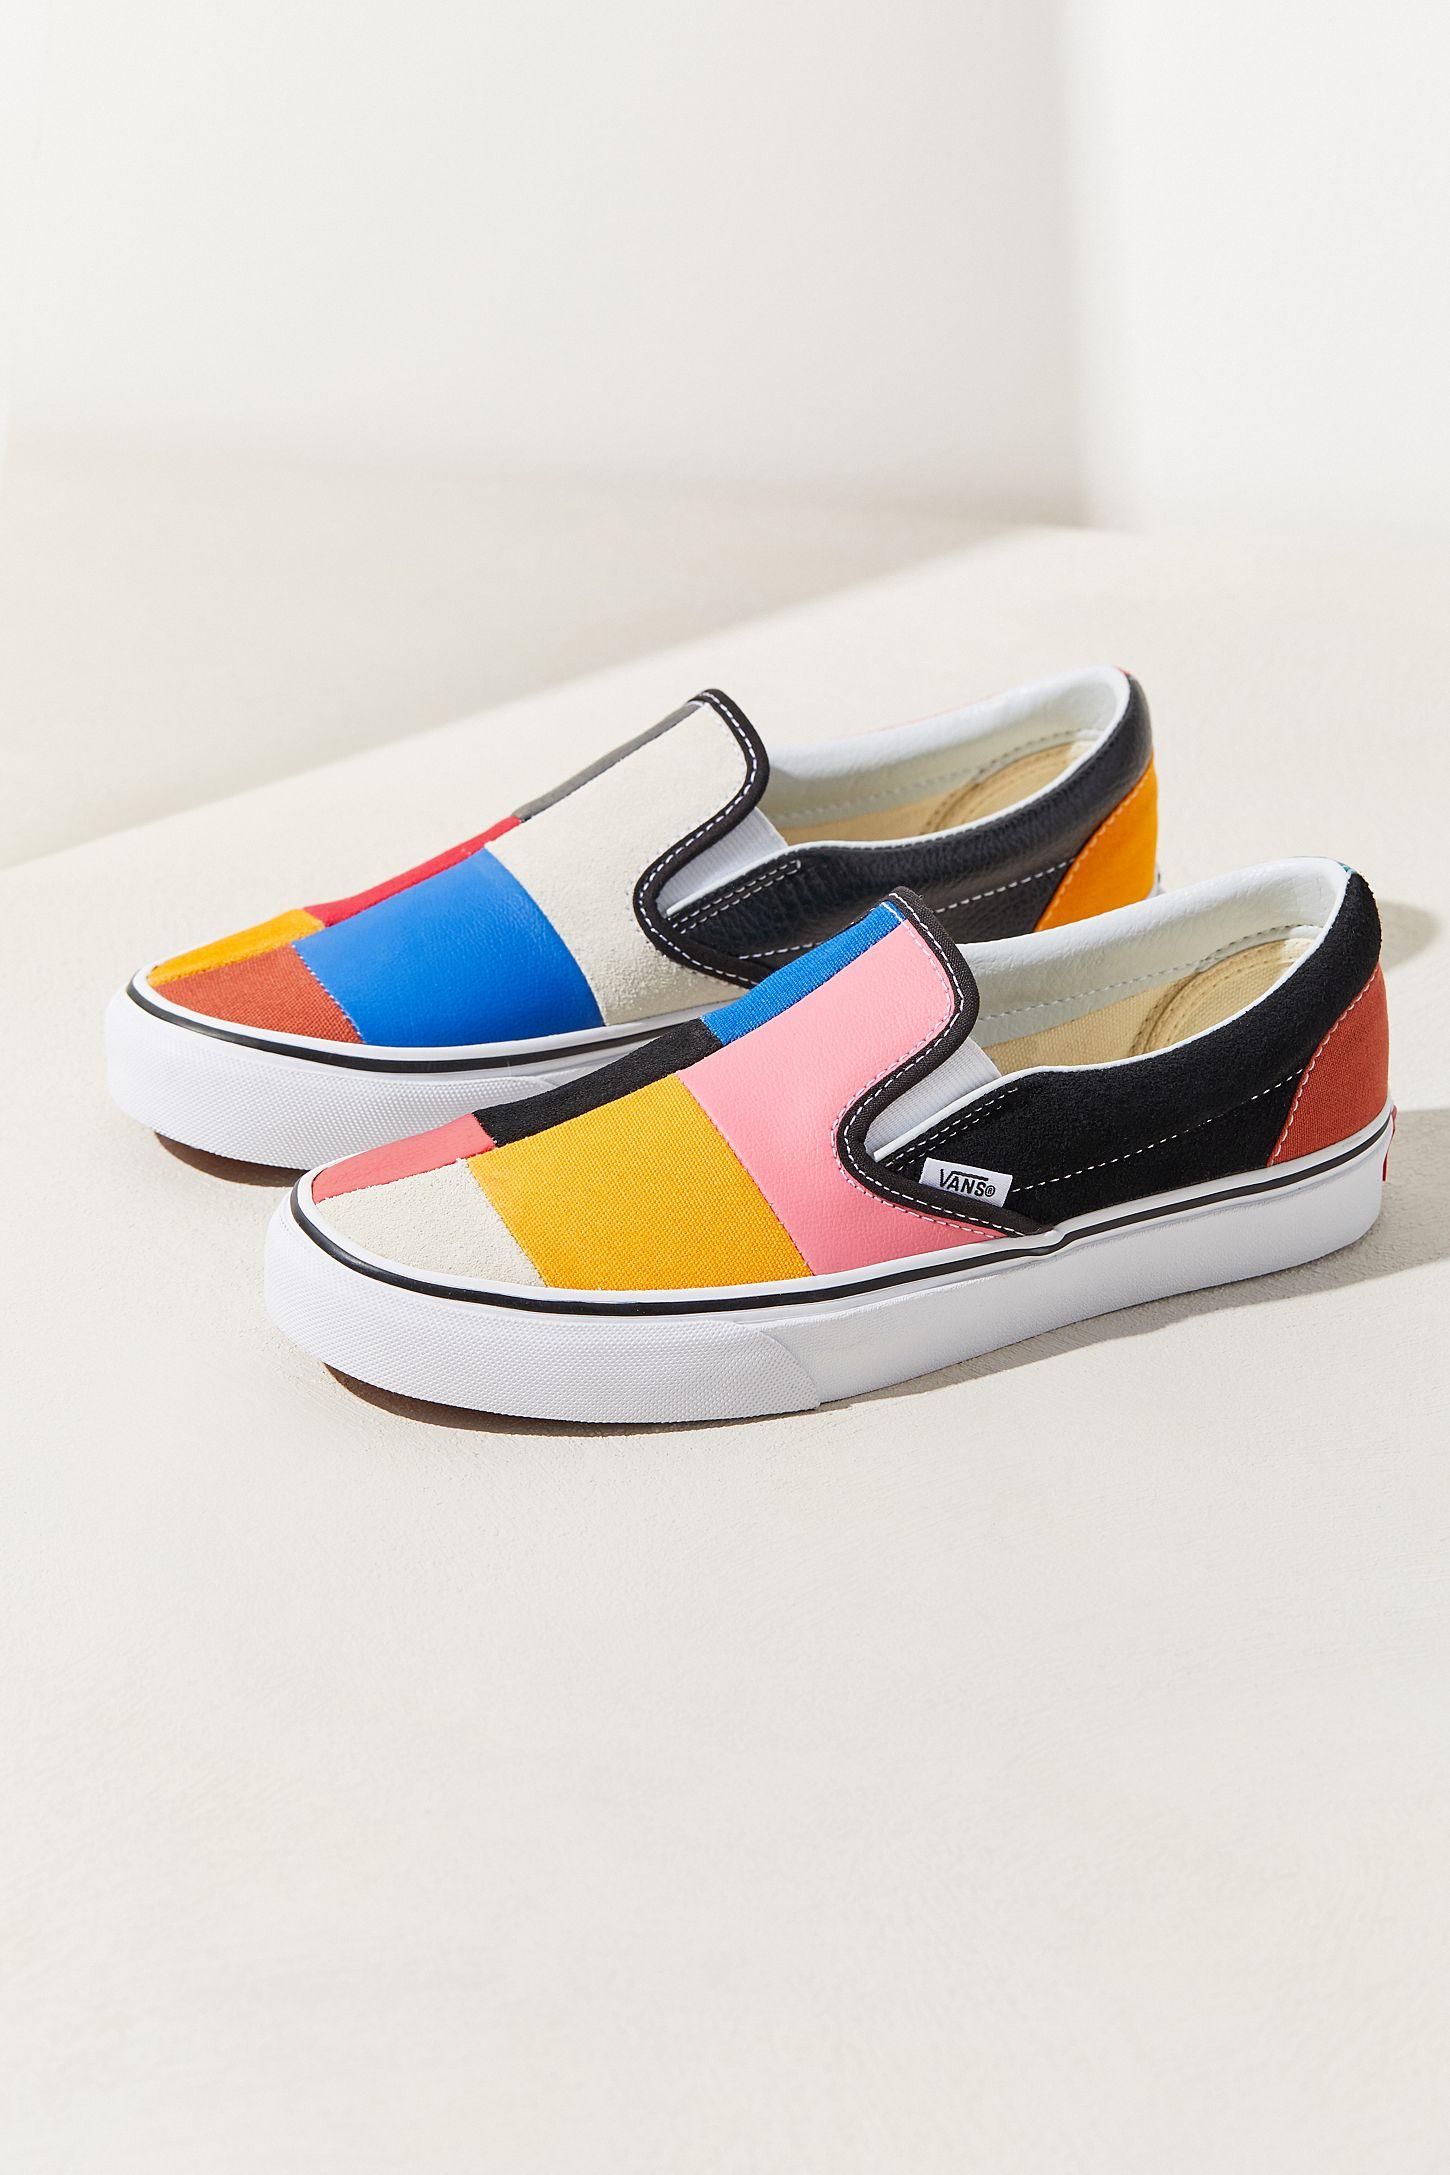 daf7a55e7a1 Vans Patchwork Slip-On Sneaker